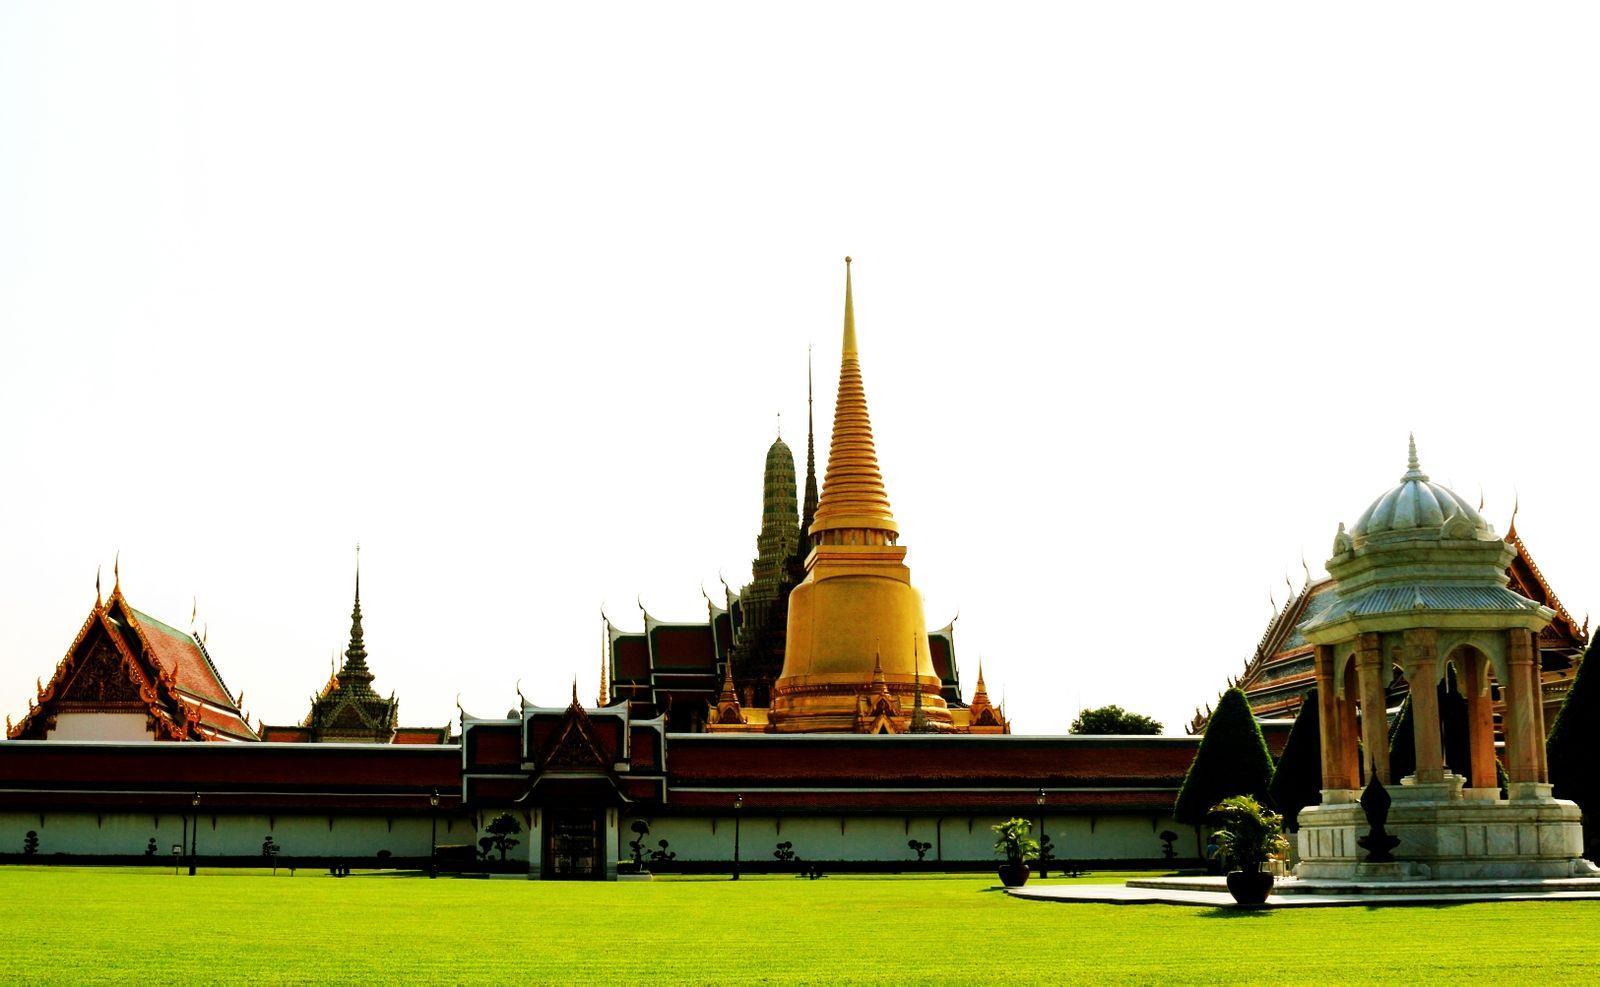 旅游胜地,多彩泰国